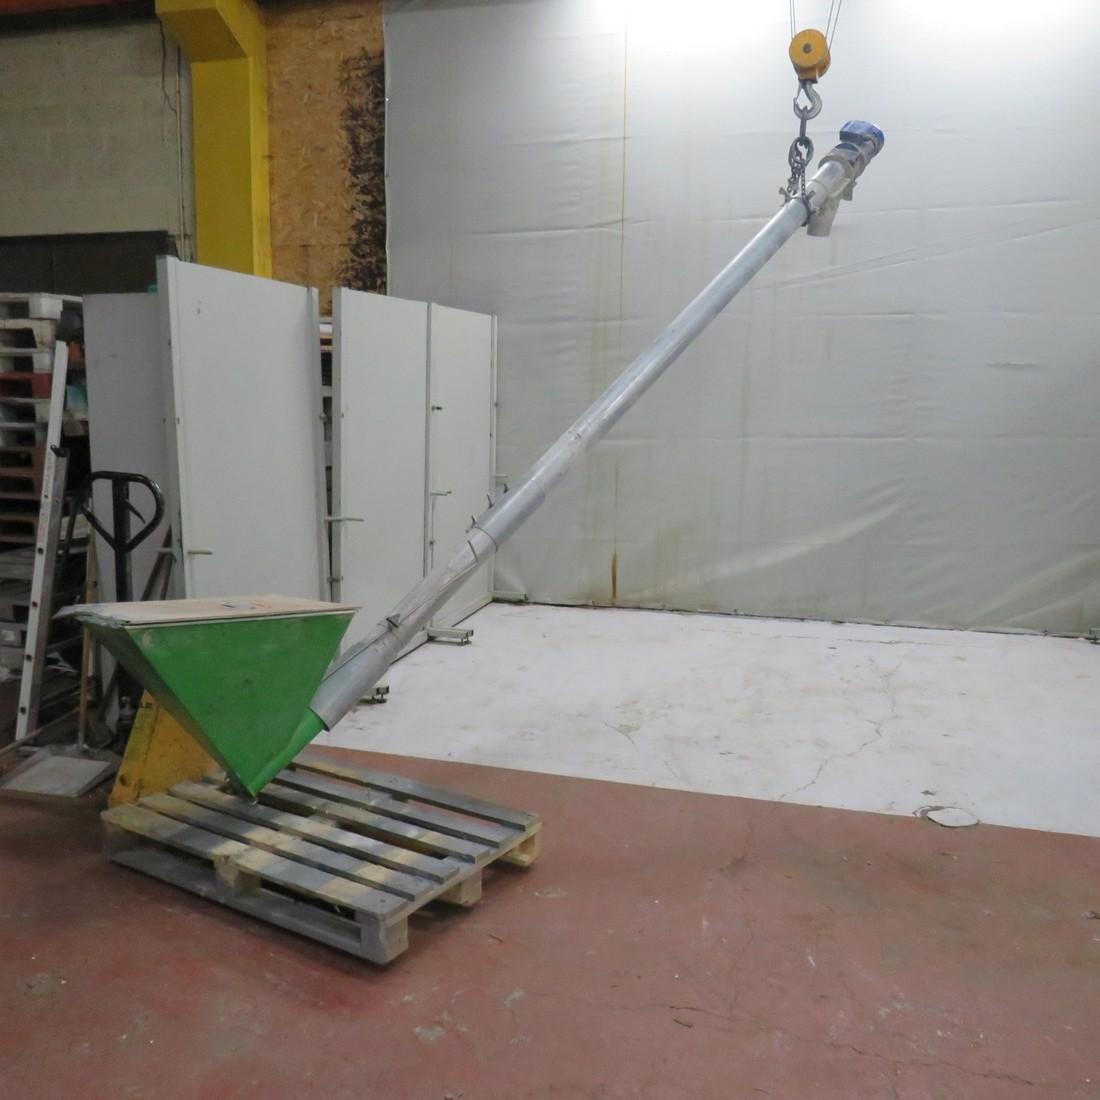 R4S1085 Mild steel screw in tube Ø 100 mm lenght 3850 mm